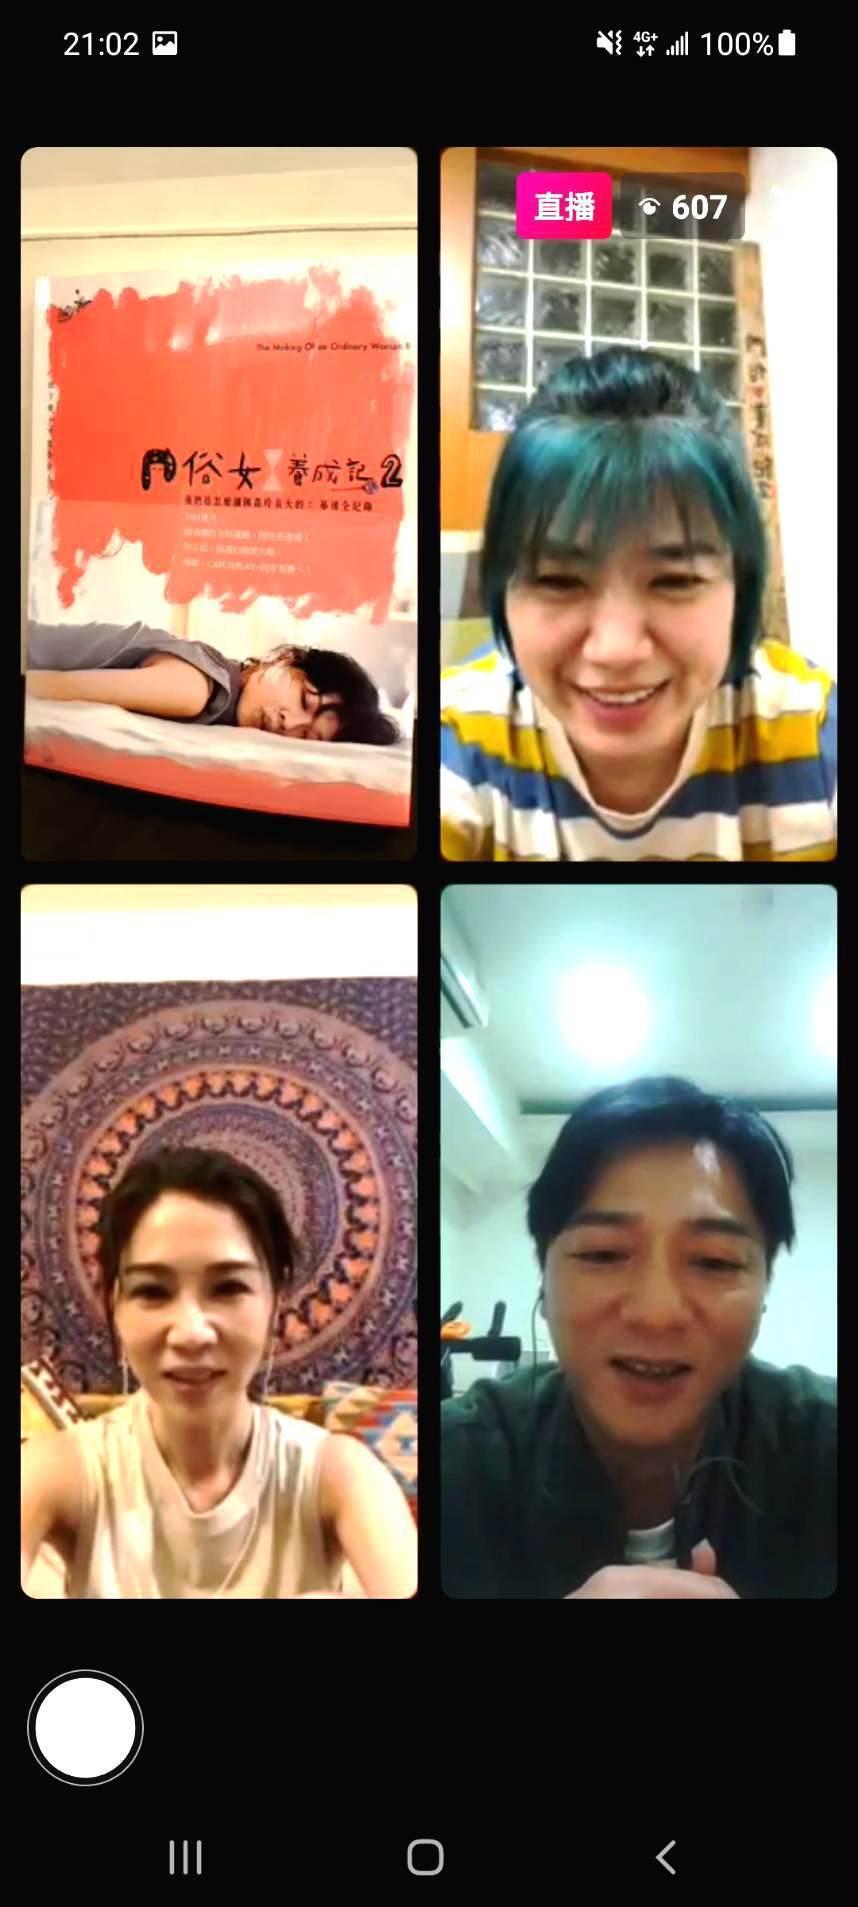 導演嚴藝文、藍葦華、謝盈萱做直播為「俗女養成記2」宣傳。圖/CATCHPLAY+...